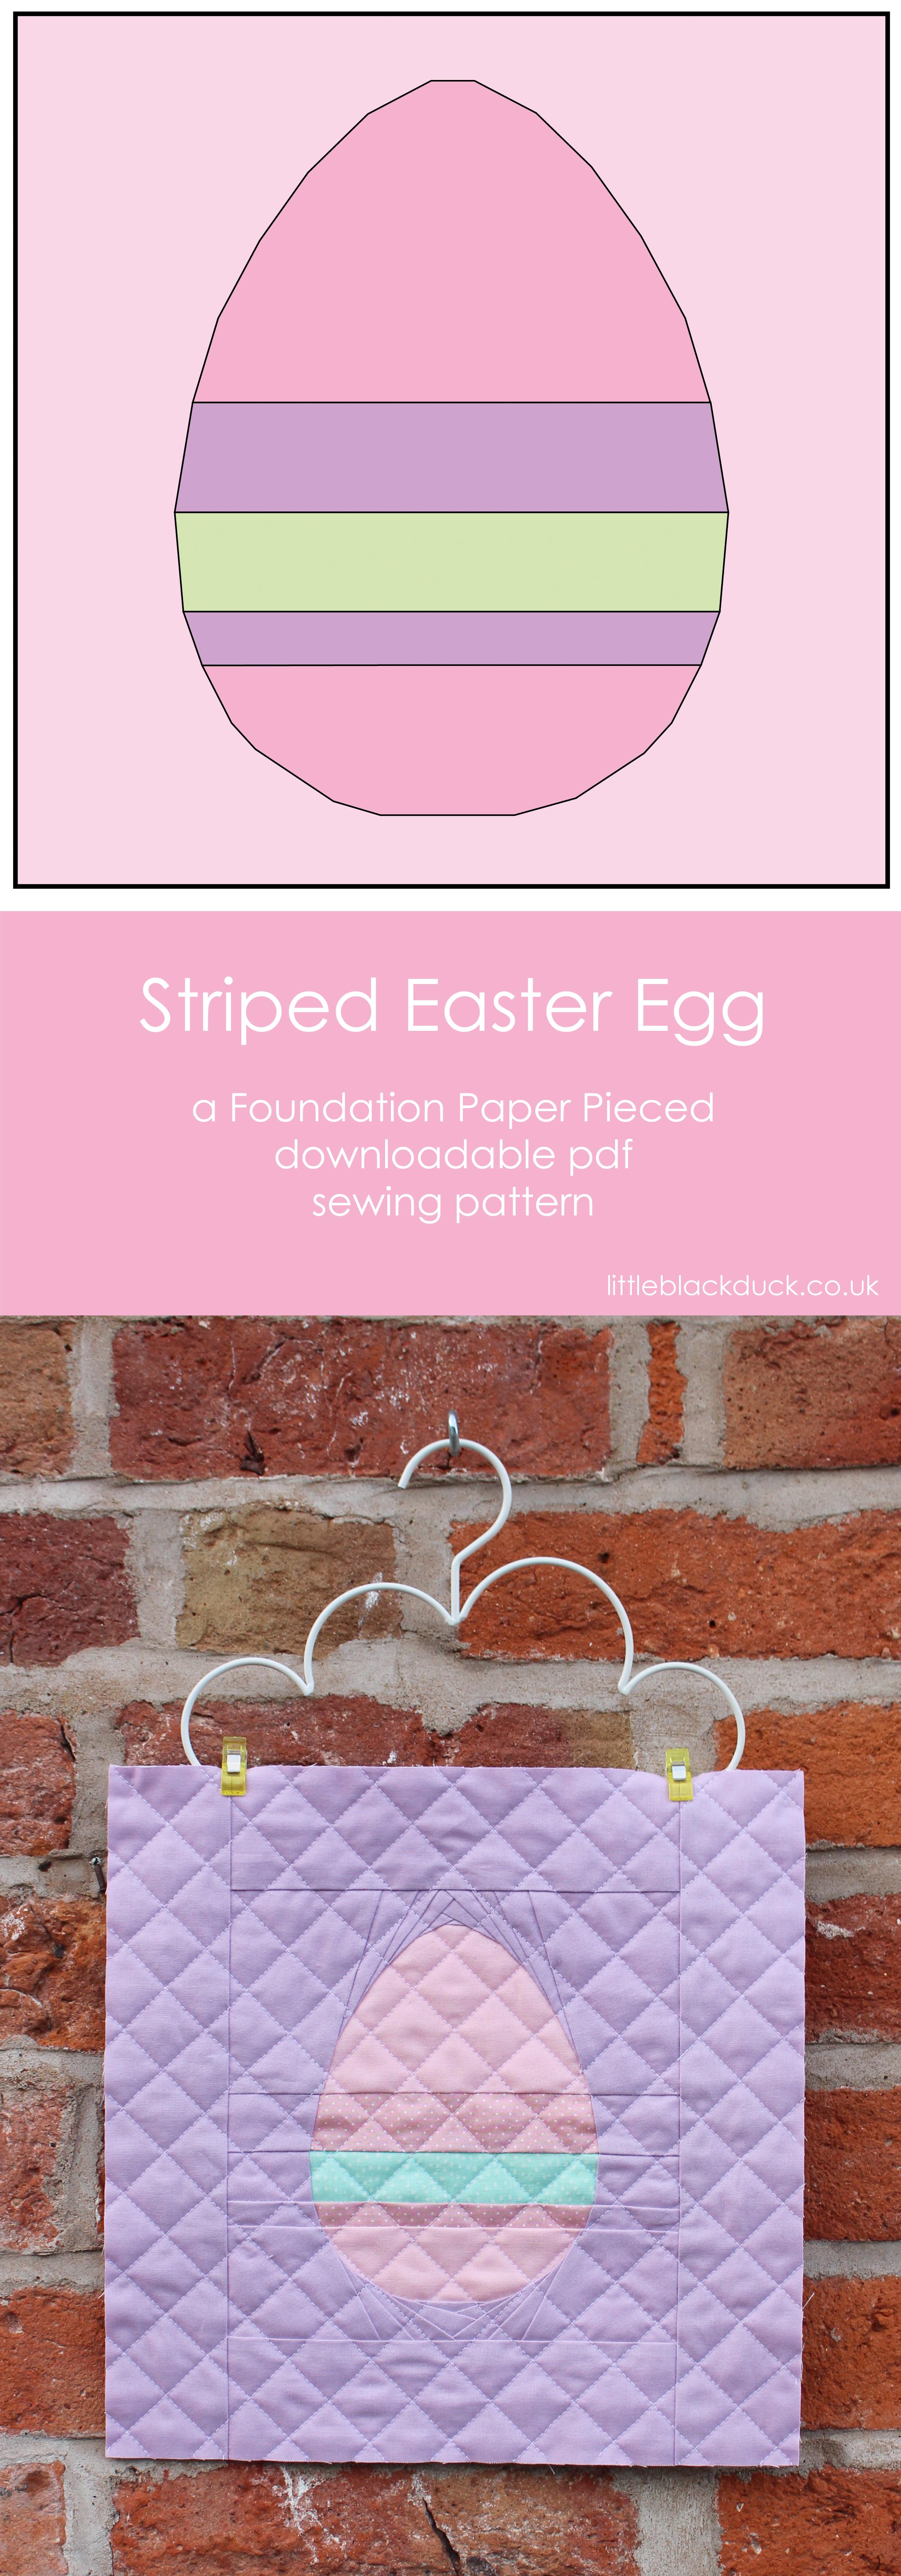 Striped Easter Egg FPP pattern